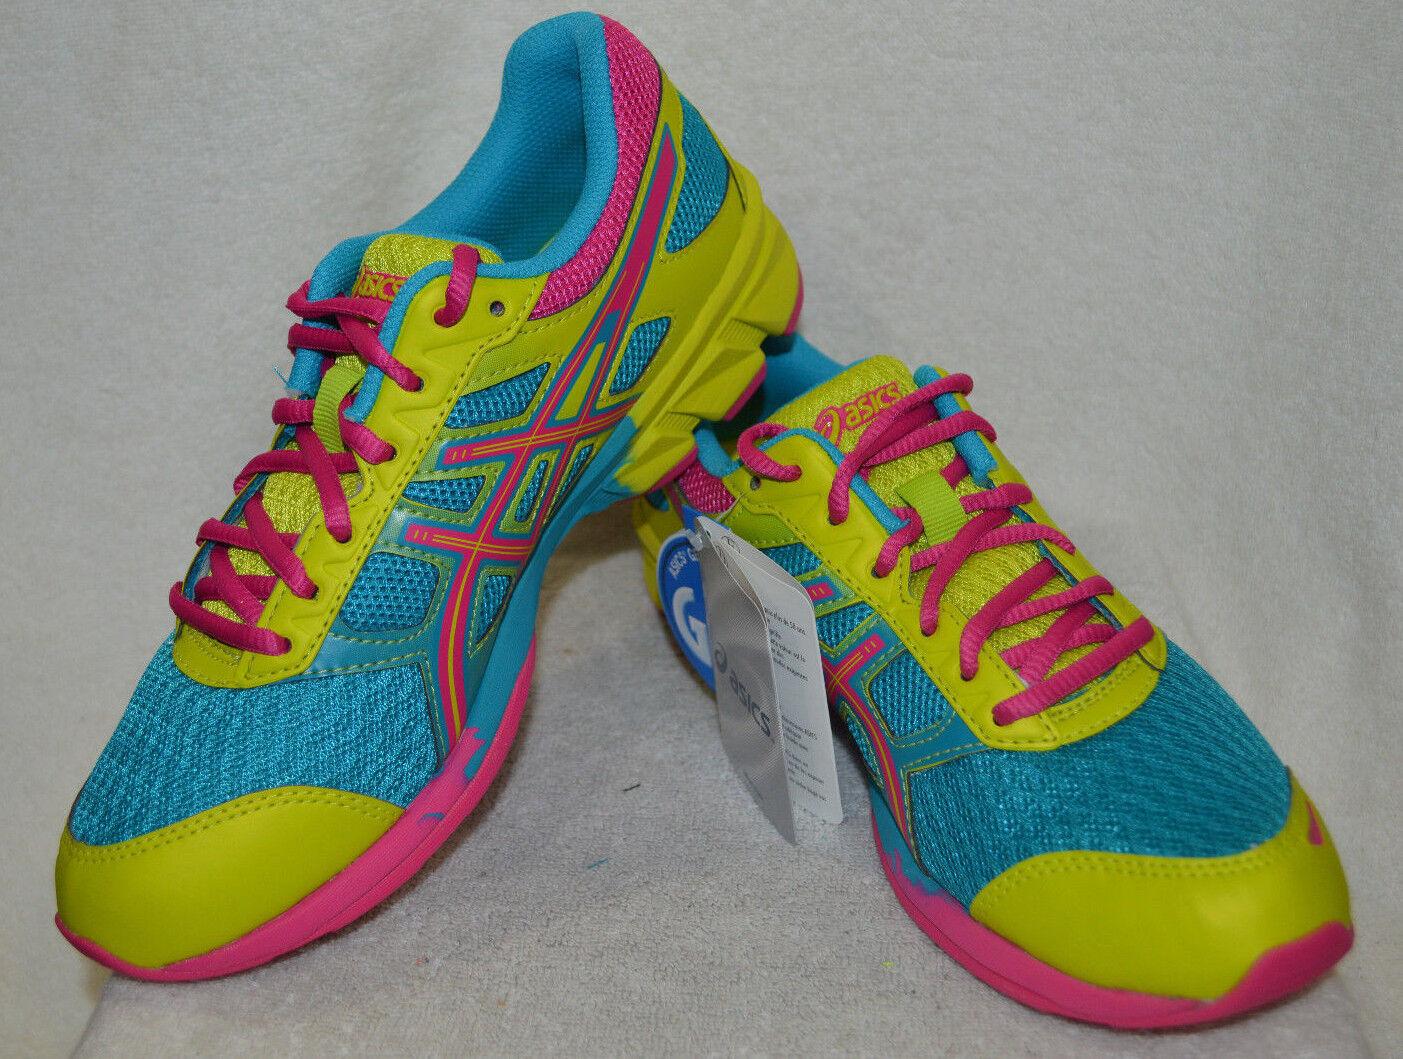 ASICS GEL-Frantic 7 Capri bluee Raspberry Women's Running shoes - Size 7 8 11 NWB